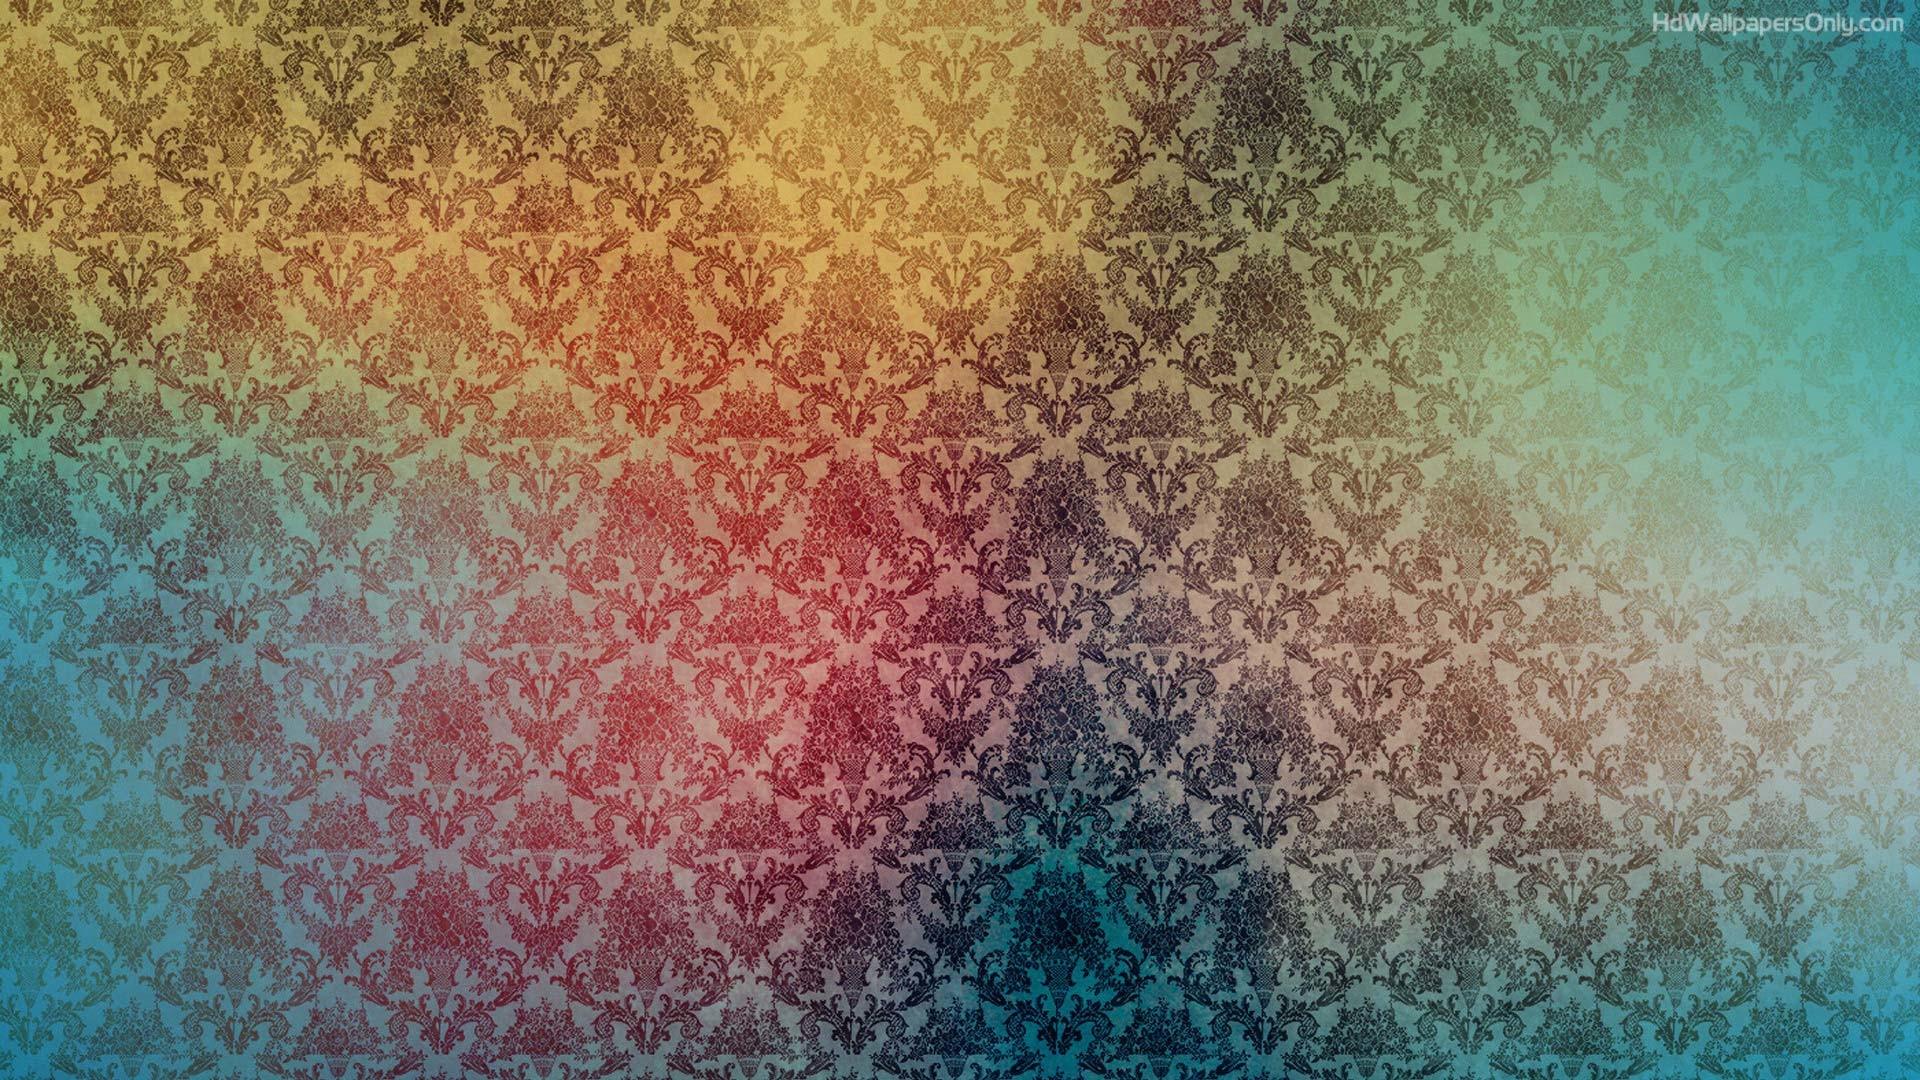 Hình ảnh background vintage những đường vân màu sắc